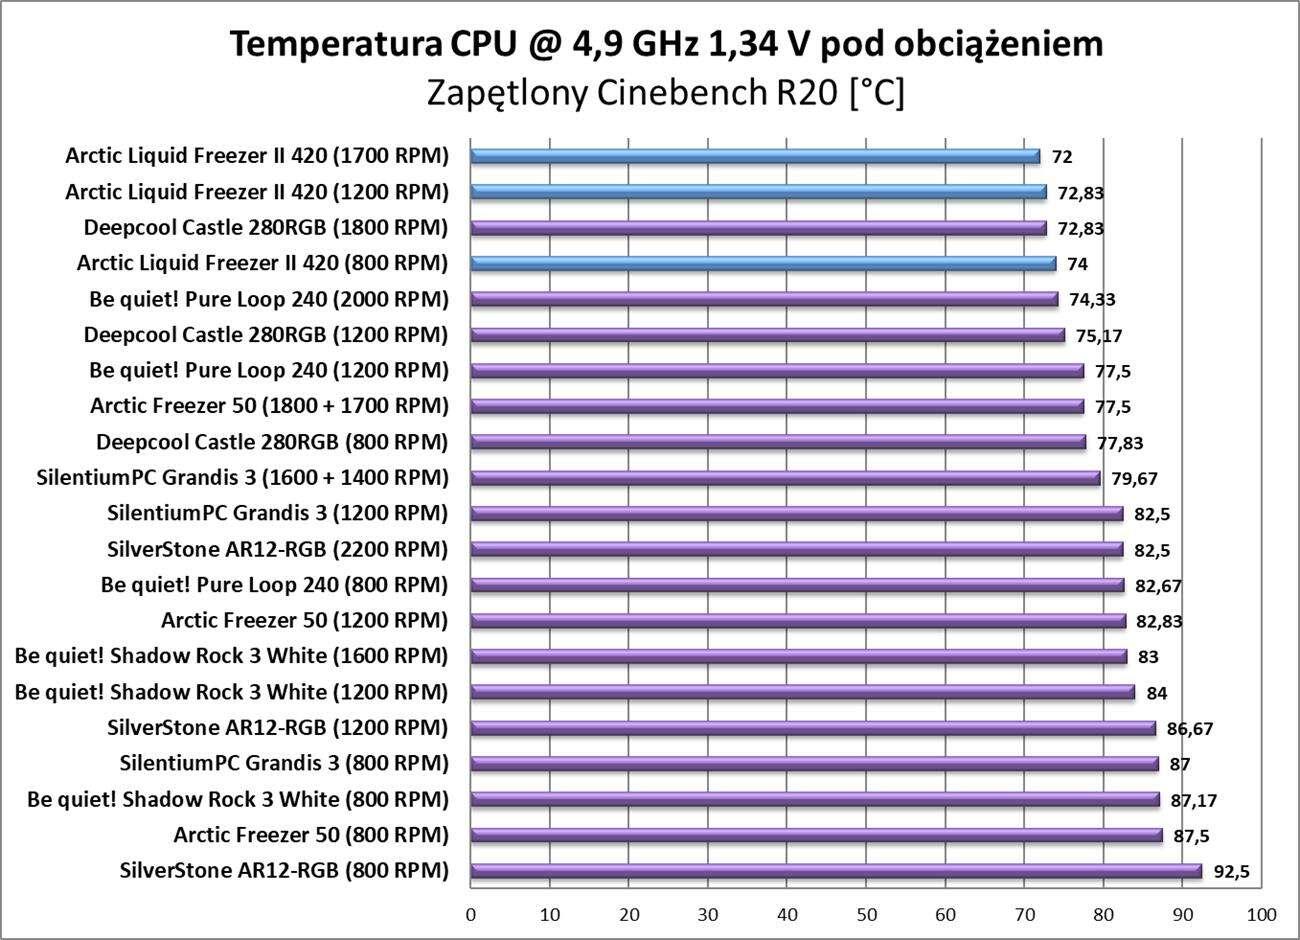 Test chłodzenia Arctic Liquid Freezer II 420